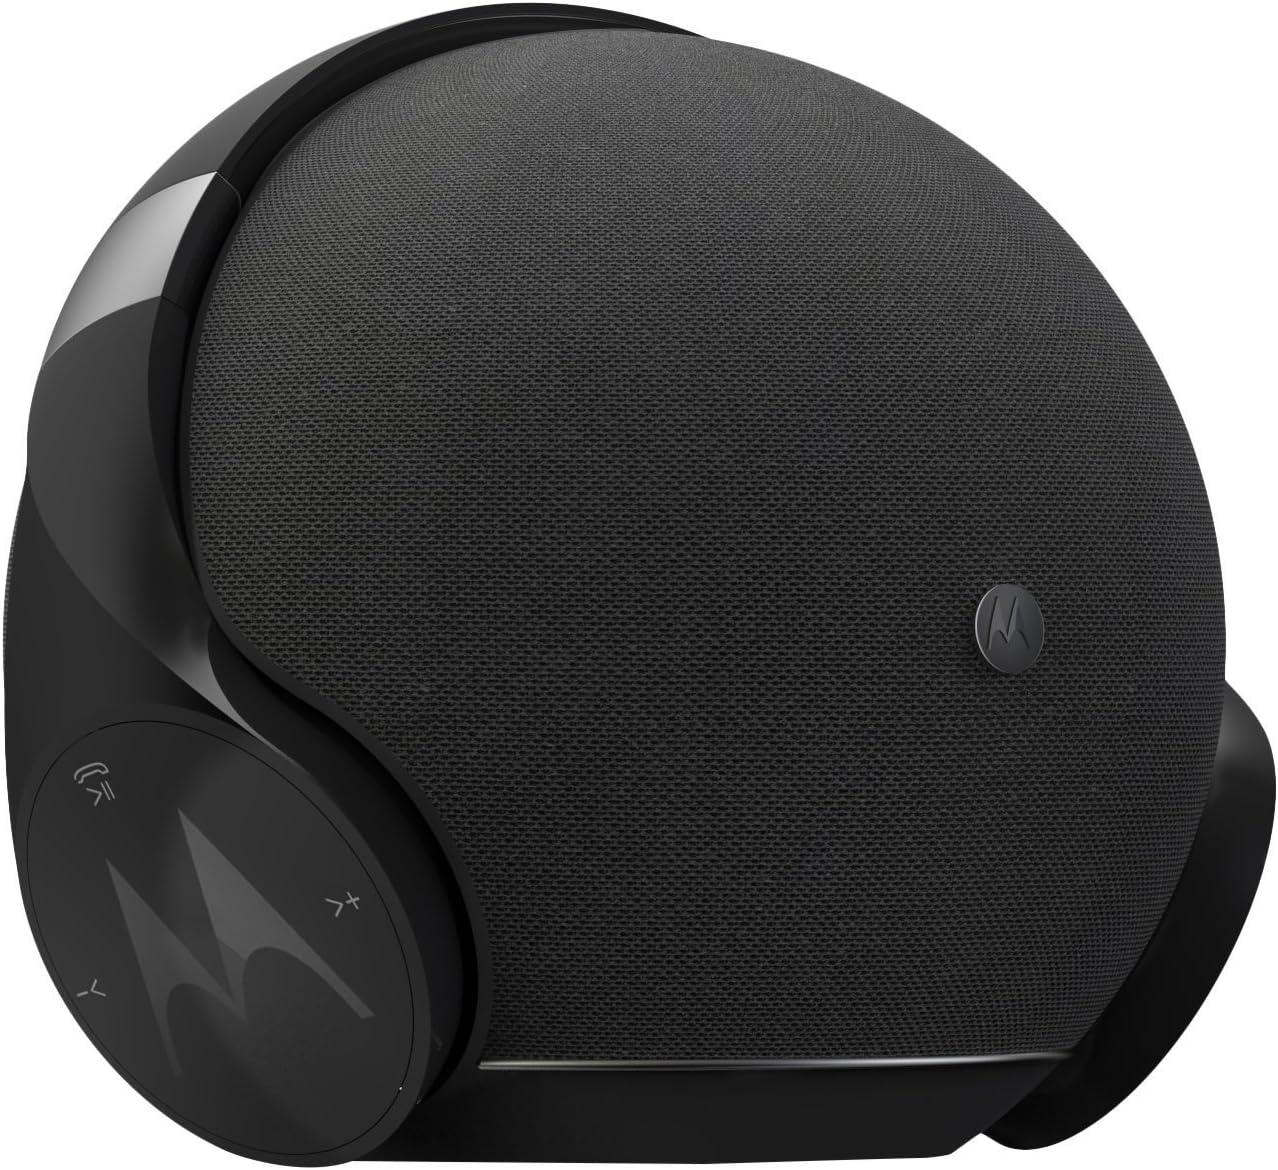 Motorola Sphere+ - 2 en 1: Altavoz Estéreo Bluetooth y Juego de Auriculares - Cascos y Equipo de Manos Libres - Nero